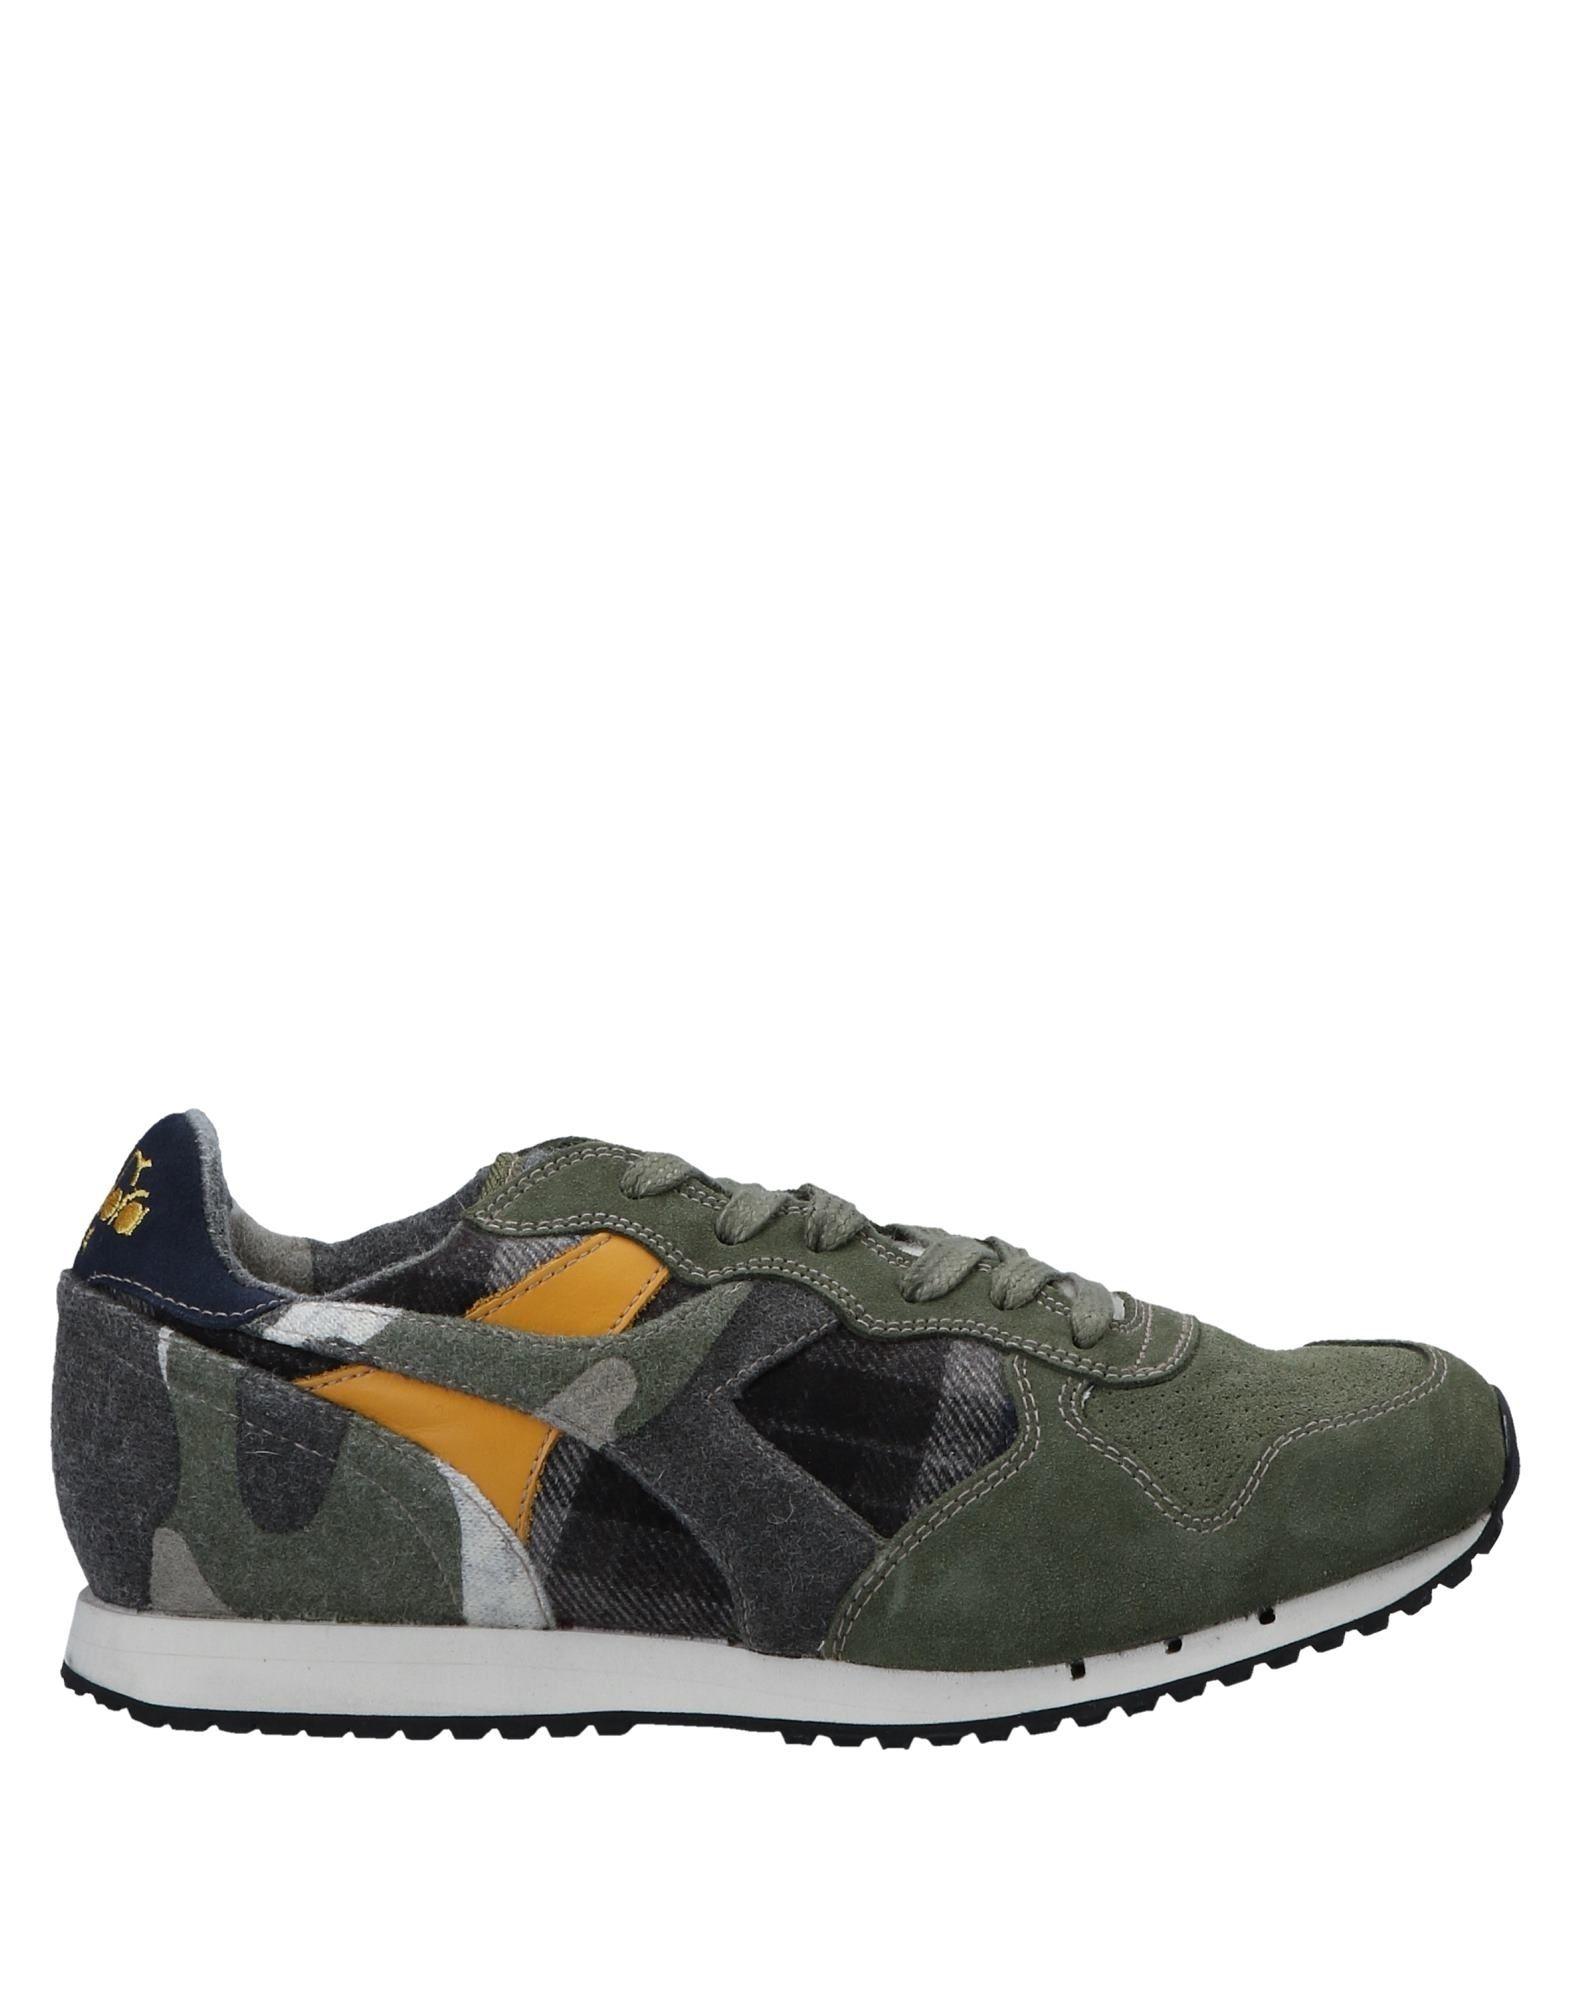 Rabatt Herren echte Schuhe Diadora Sneakers Herren Rabatt  11556583PQ 0bd58d